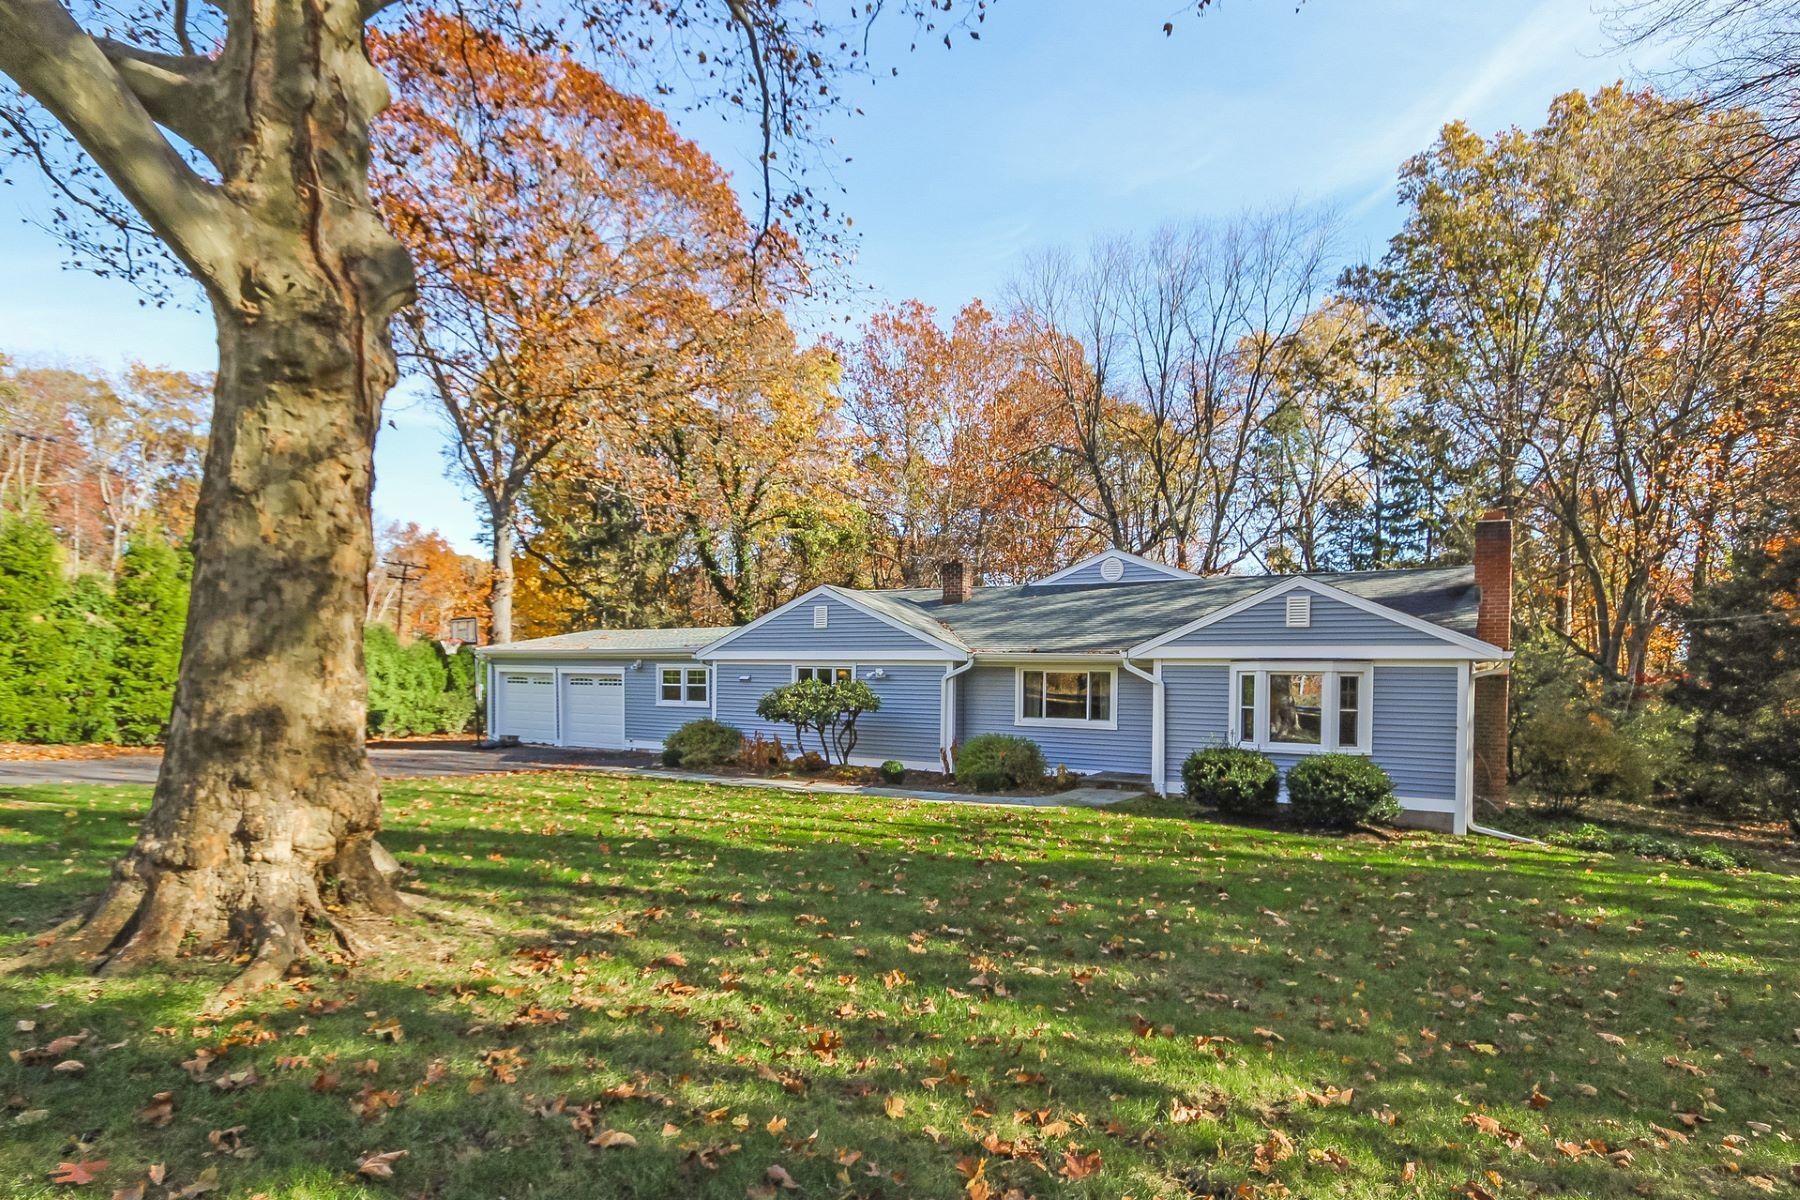 Частный односемейный дом для того Продажа на 180 West Rocks Road Norwalk, Коннектикут, 06851 Соединенные Штаты